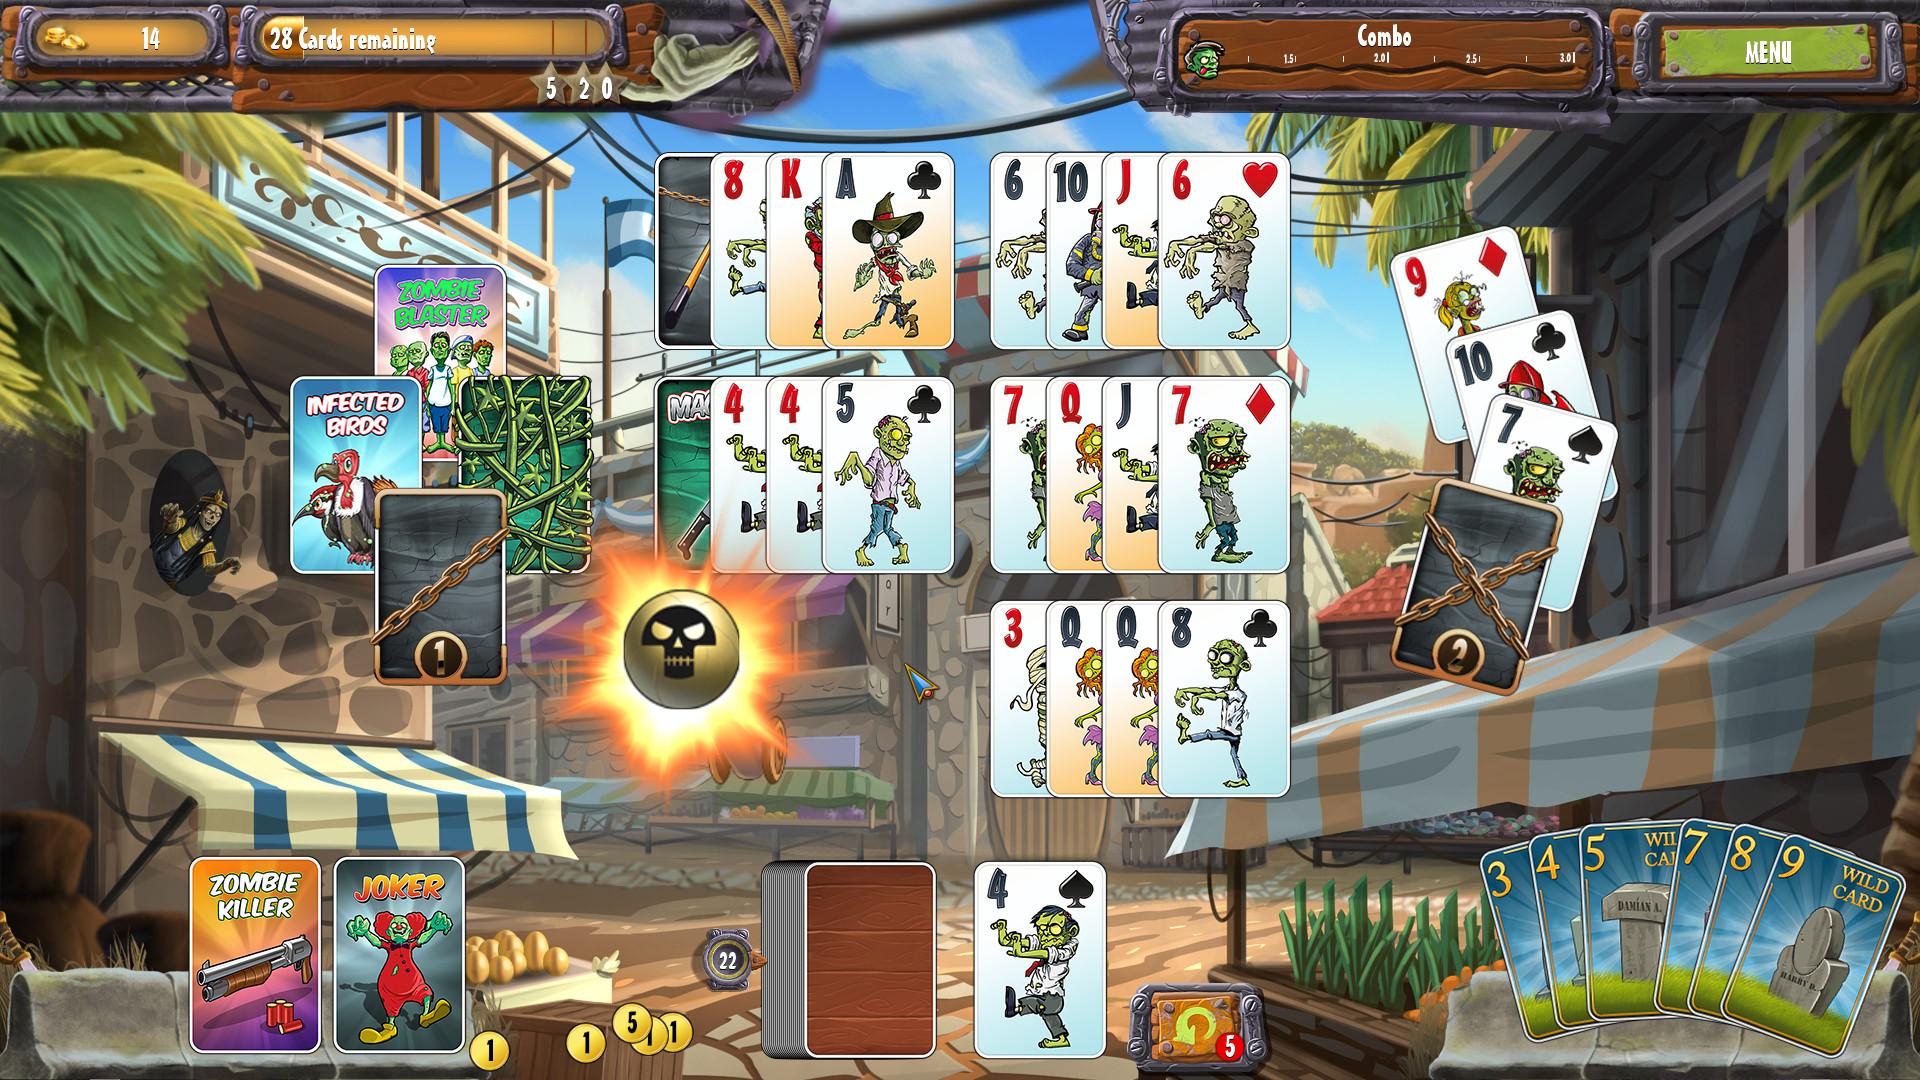 com.steam.623180-screenshot